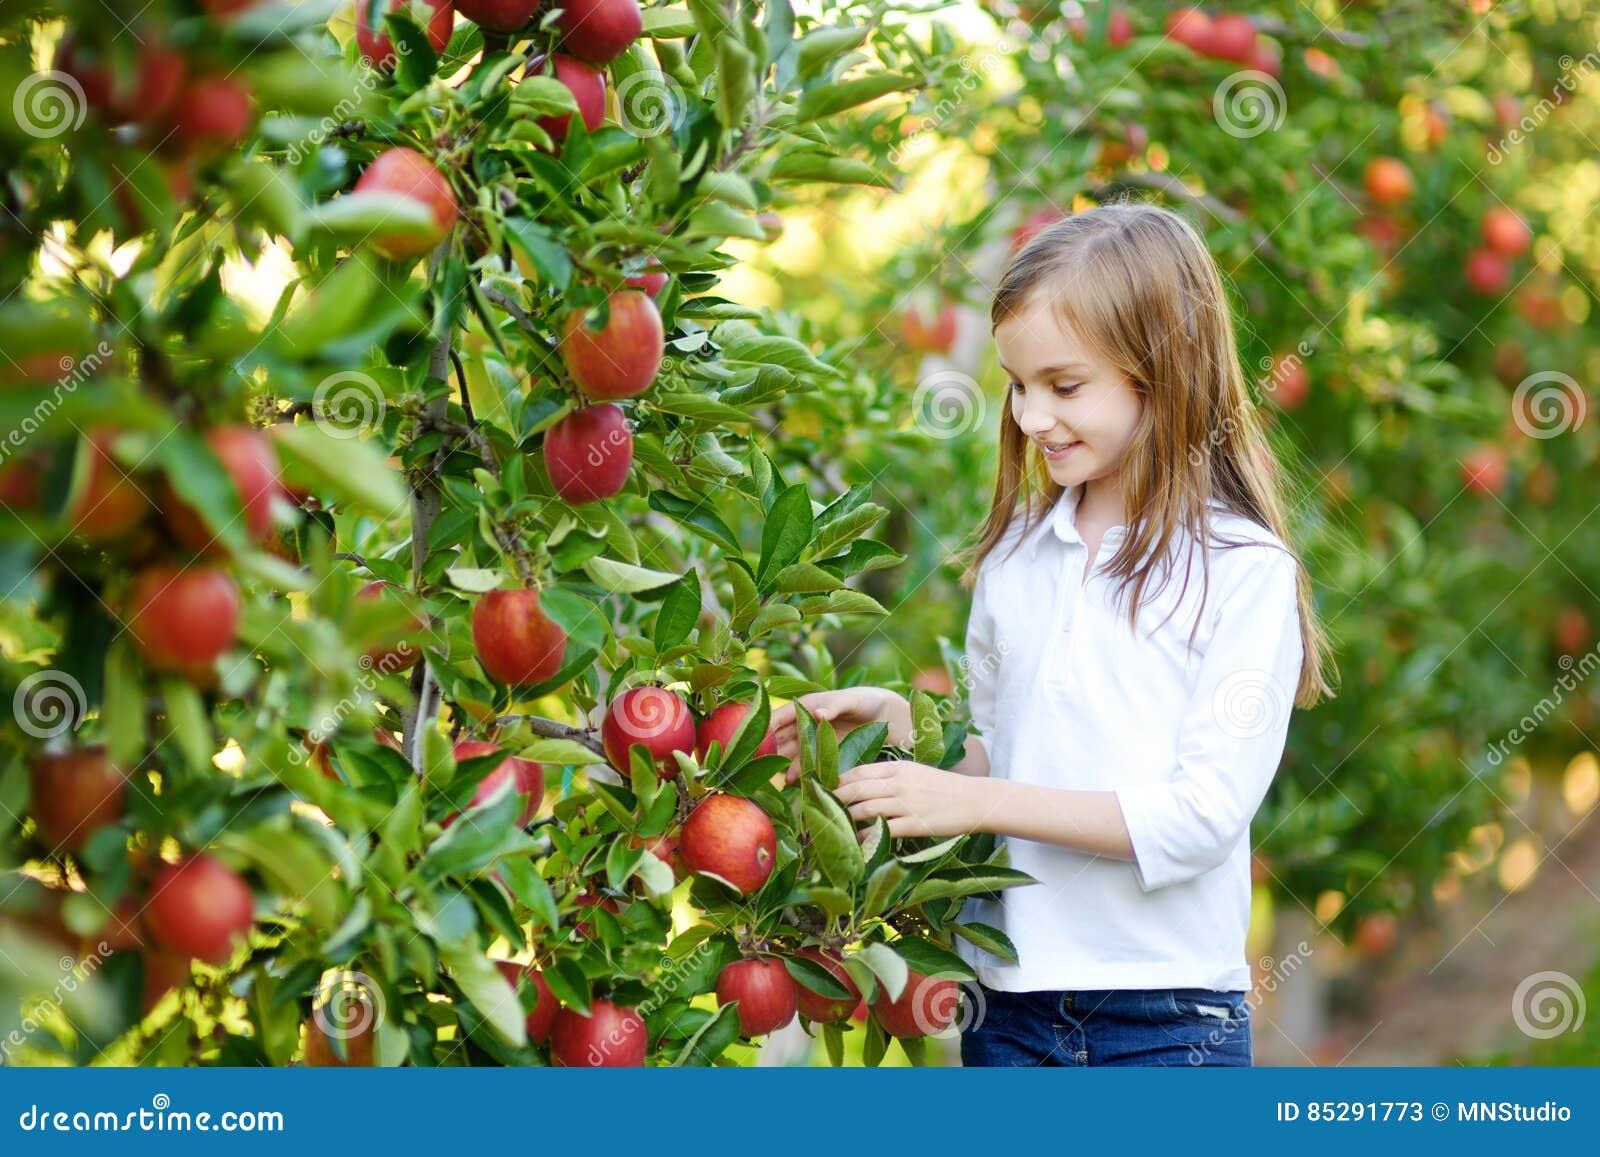 Manzanas lindas de la cosecha de la niña en huerta del manzano